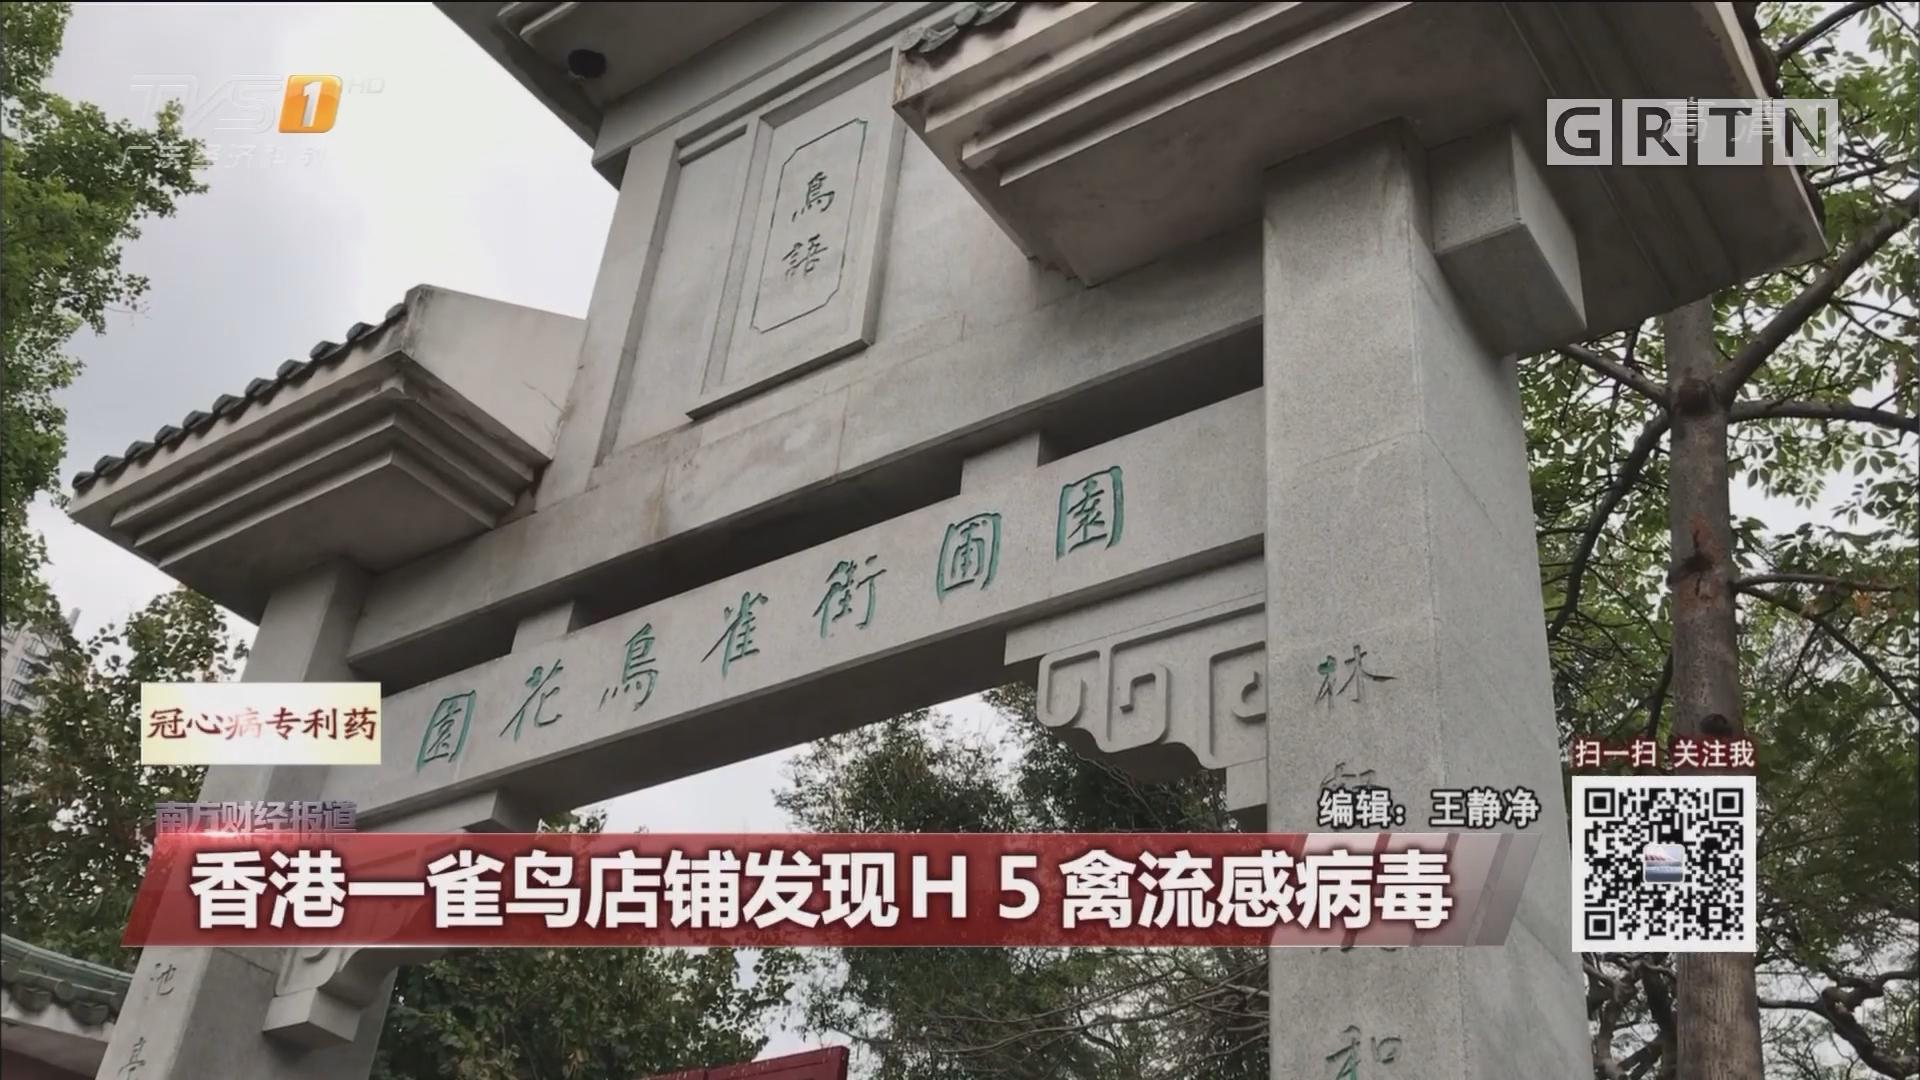 香港一雀鸟店铺发现H5禽流感病毒